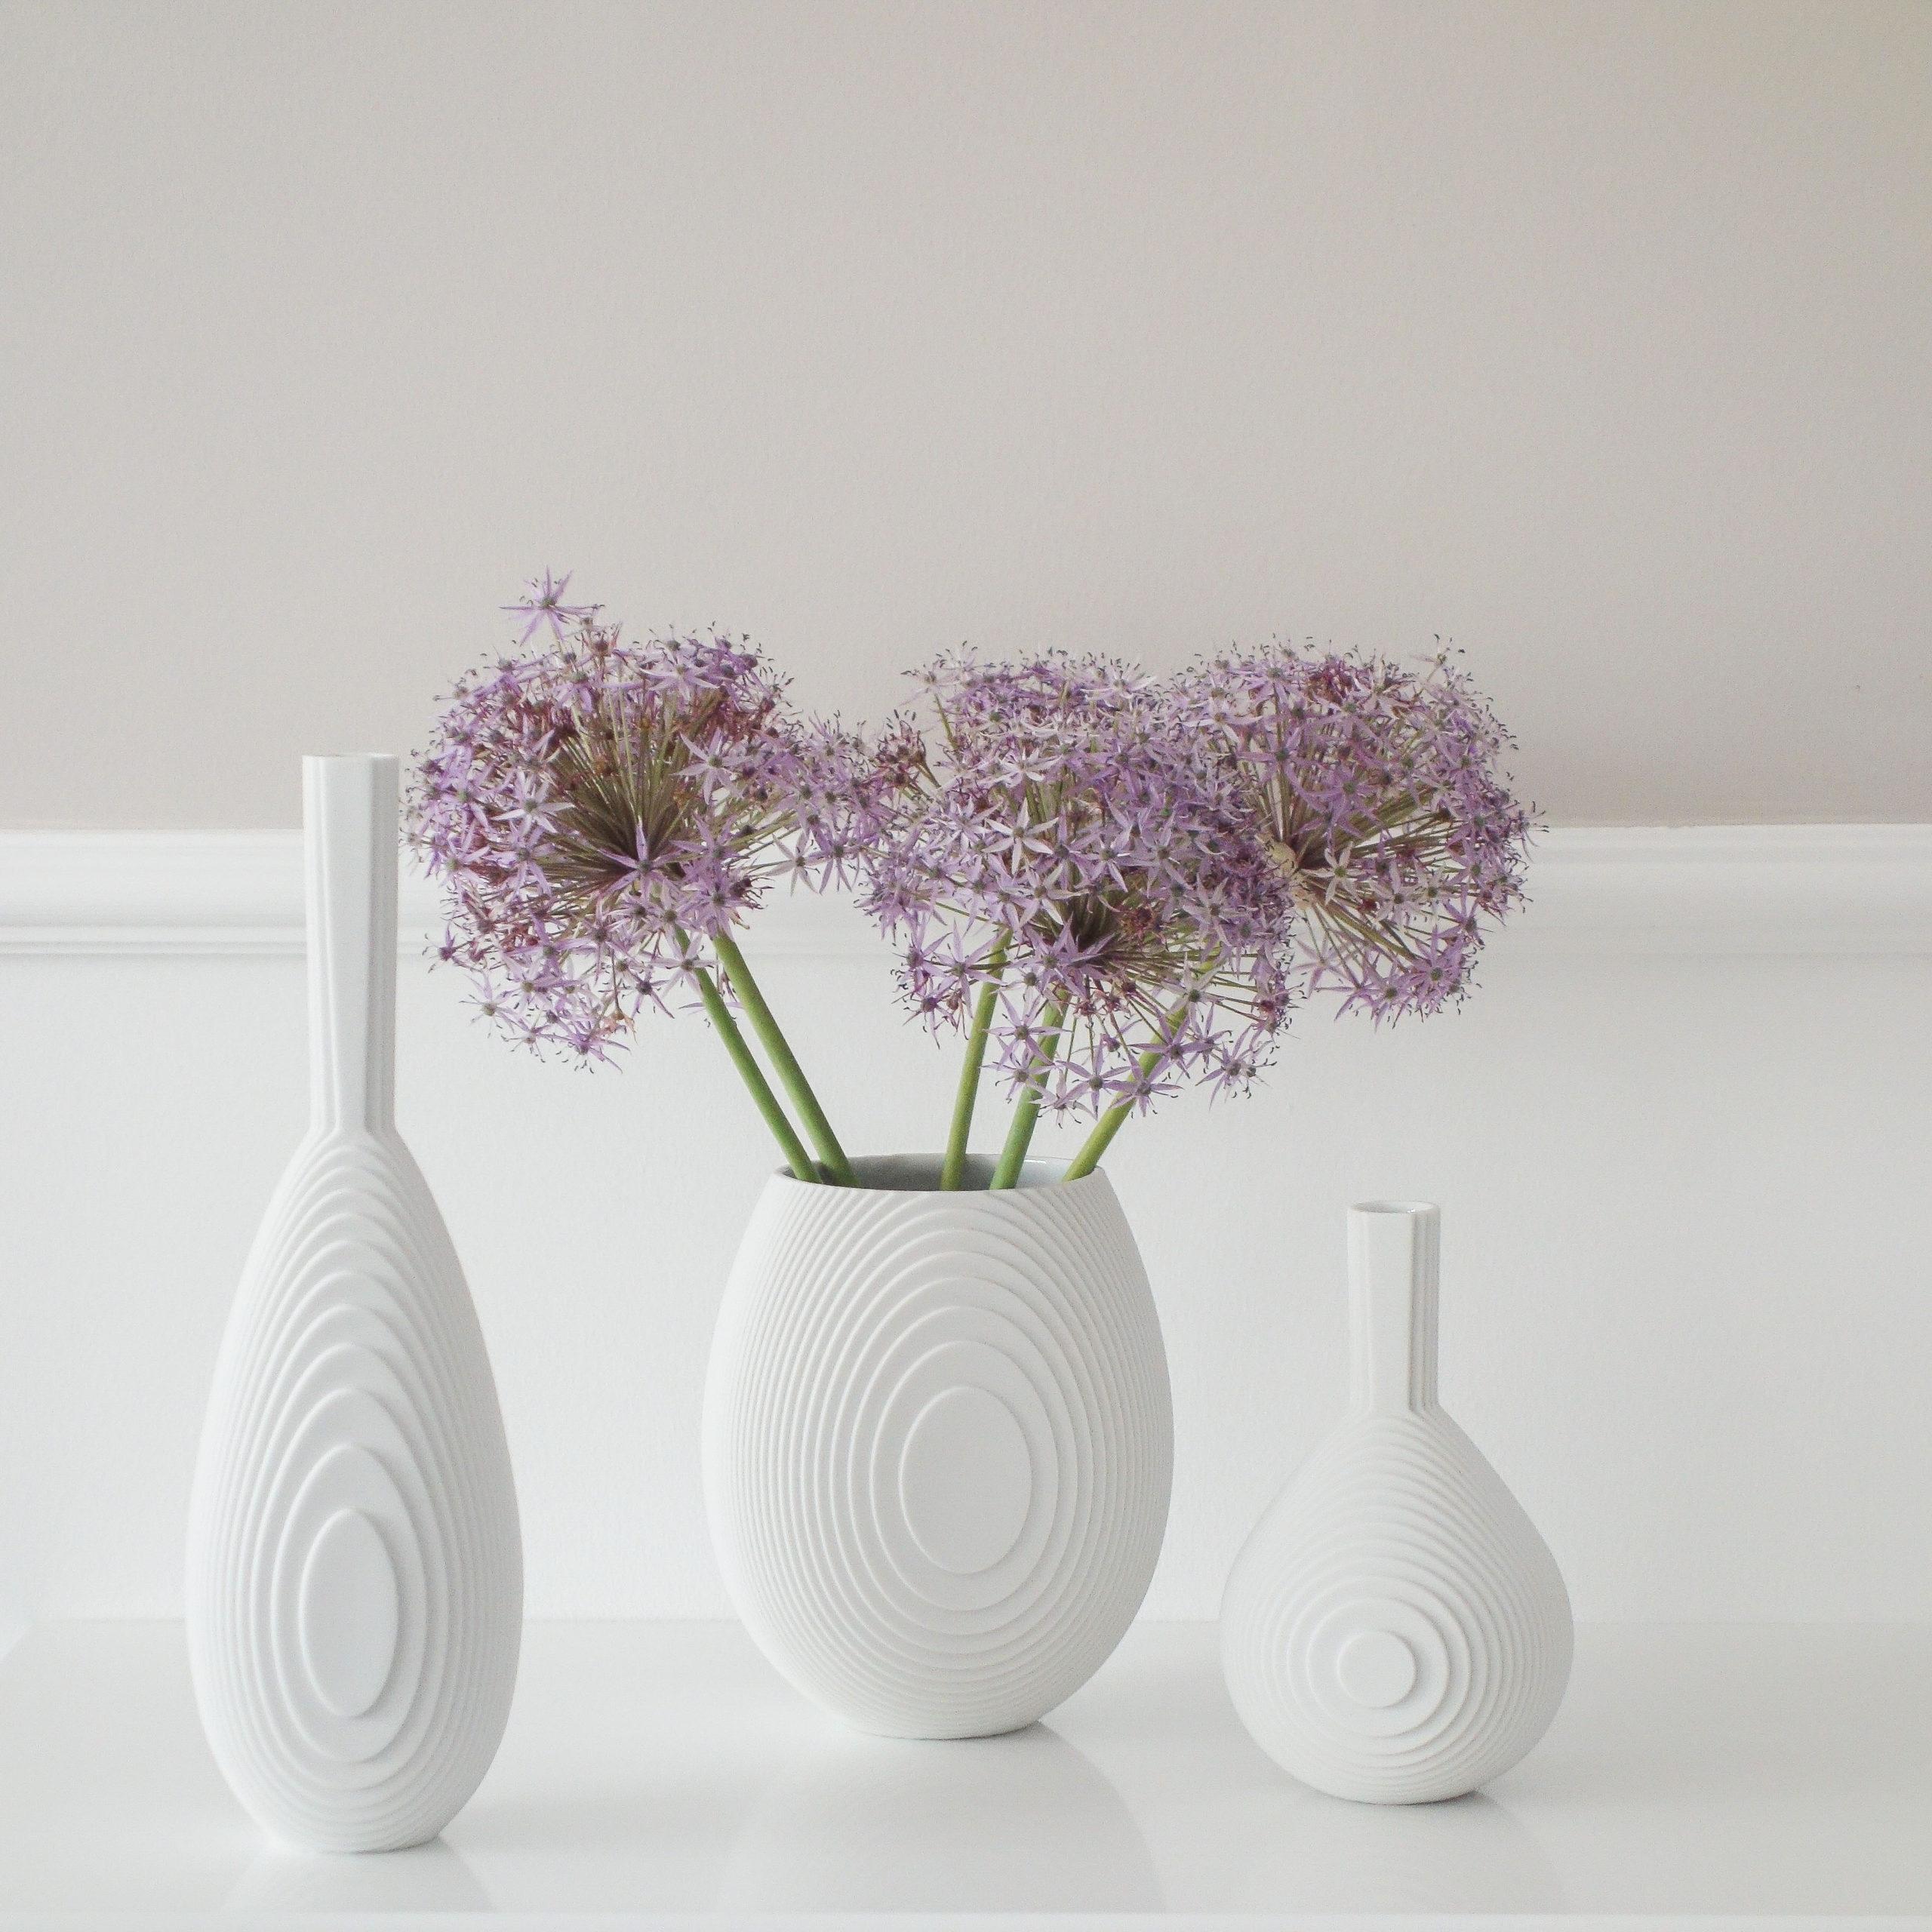 Architectmade-Flow-Porcelain-Vase-Denmark-Vibeke-Rytter